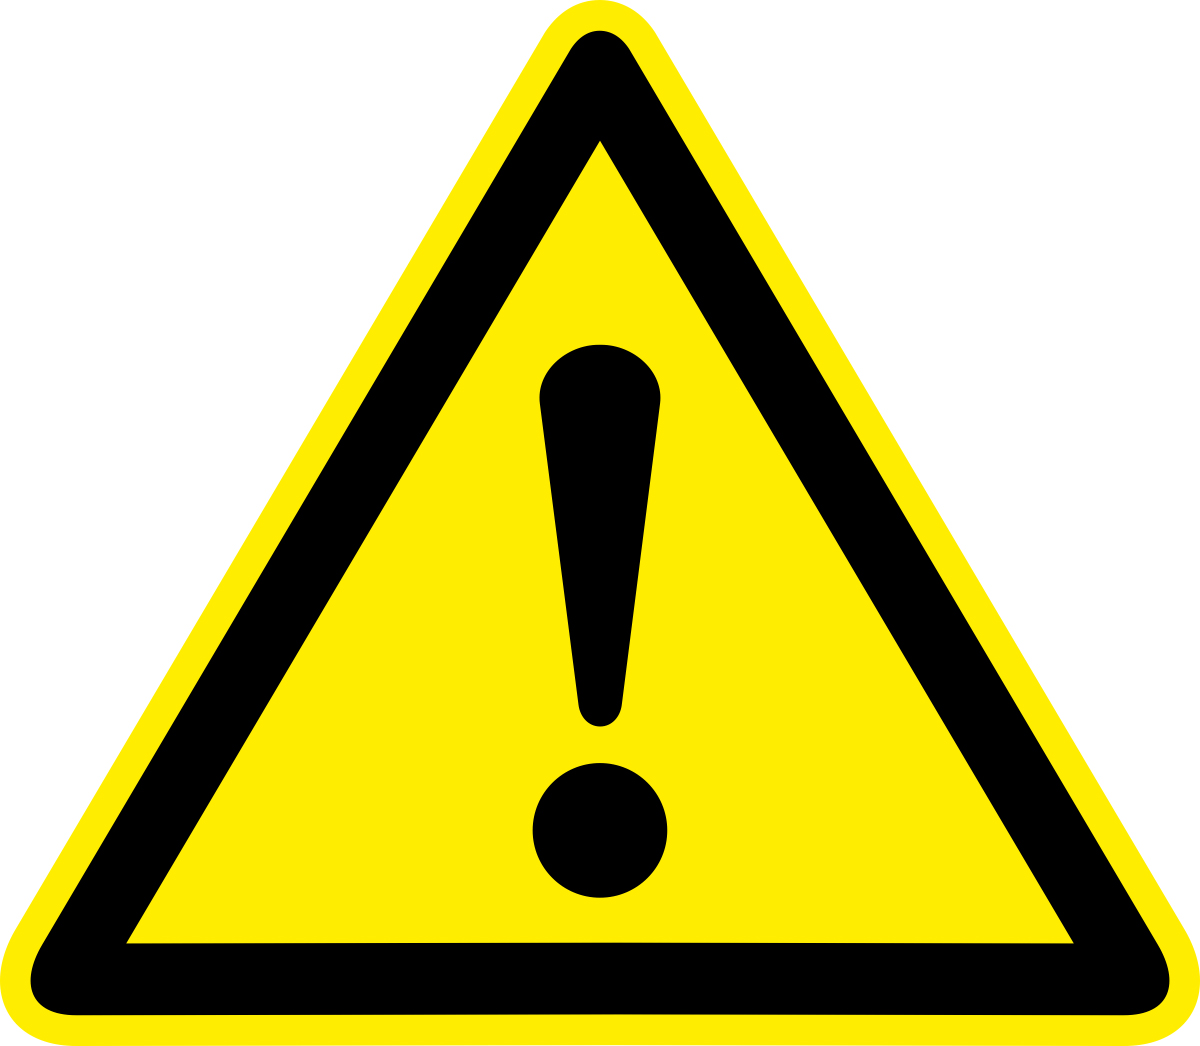 Наклейка информационная Оранжевый Слоник Внимание. Опасность. Прочие опасности, 15 х 15 см таблички информационные оранжевый слоник наклейка информационная место для мусора 2 шт